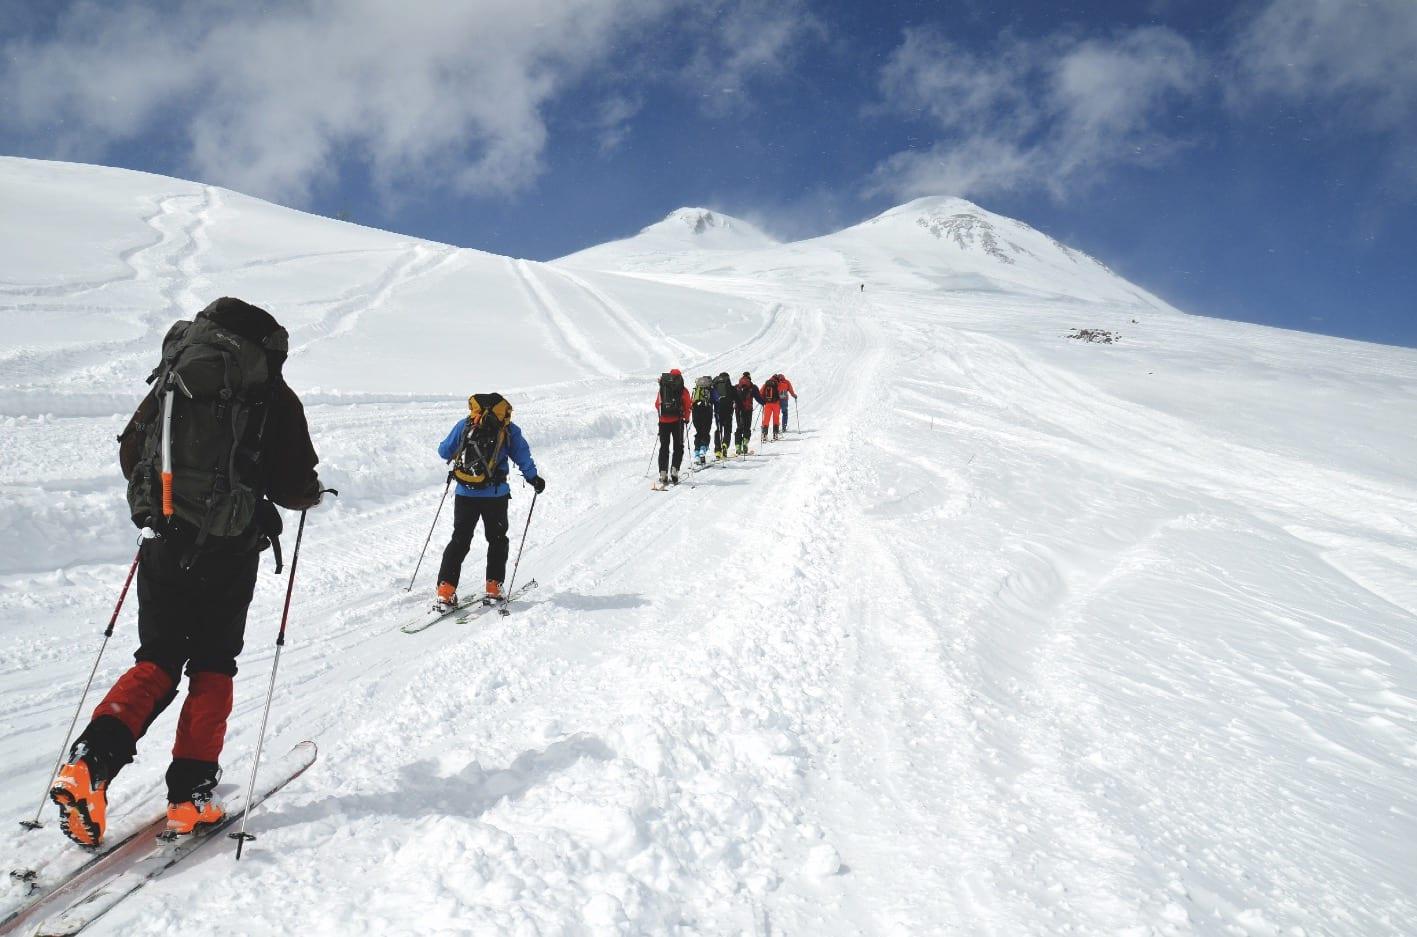 INNSPURT: Siste akklimatiseringstur til 4700 moh. er tung, og kroppen merker høyden godt. Utsikten er desto bedre, med Elbrus foran oss. Foto: Ida Eri Sørbye